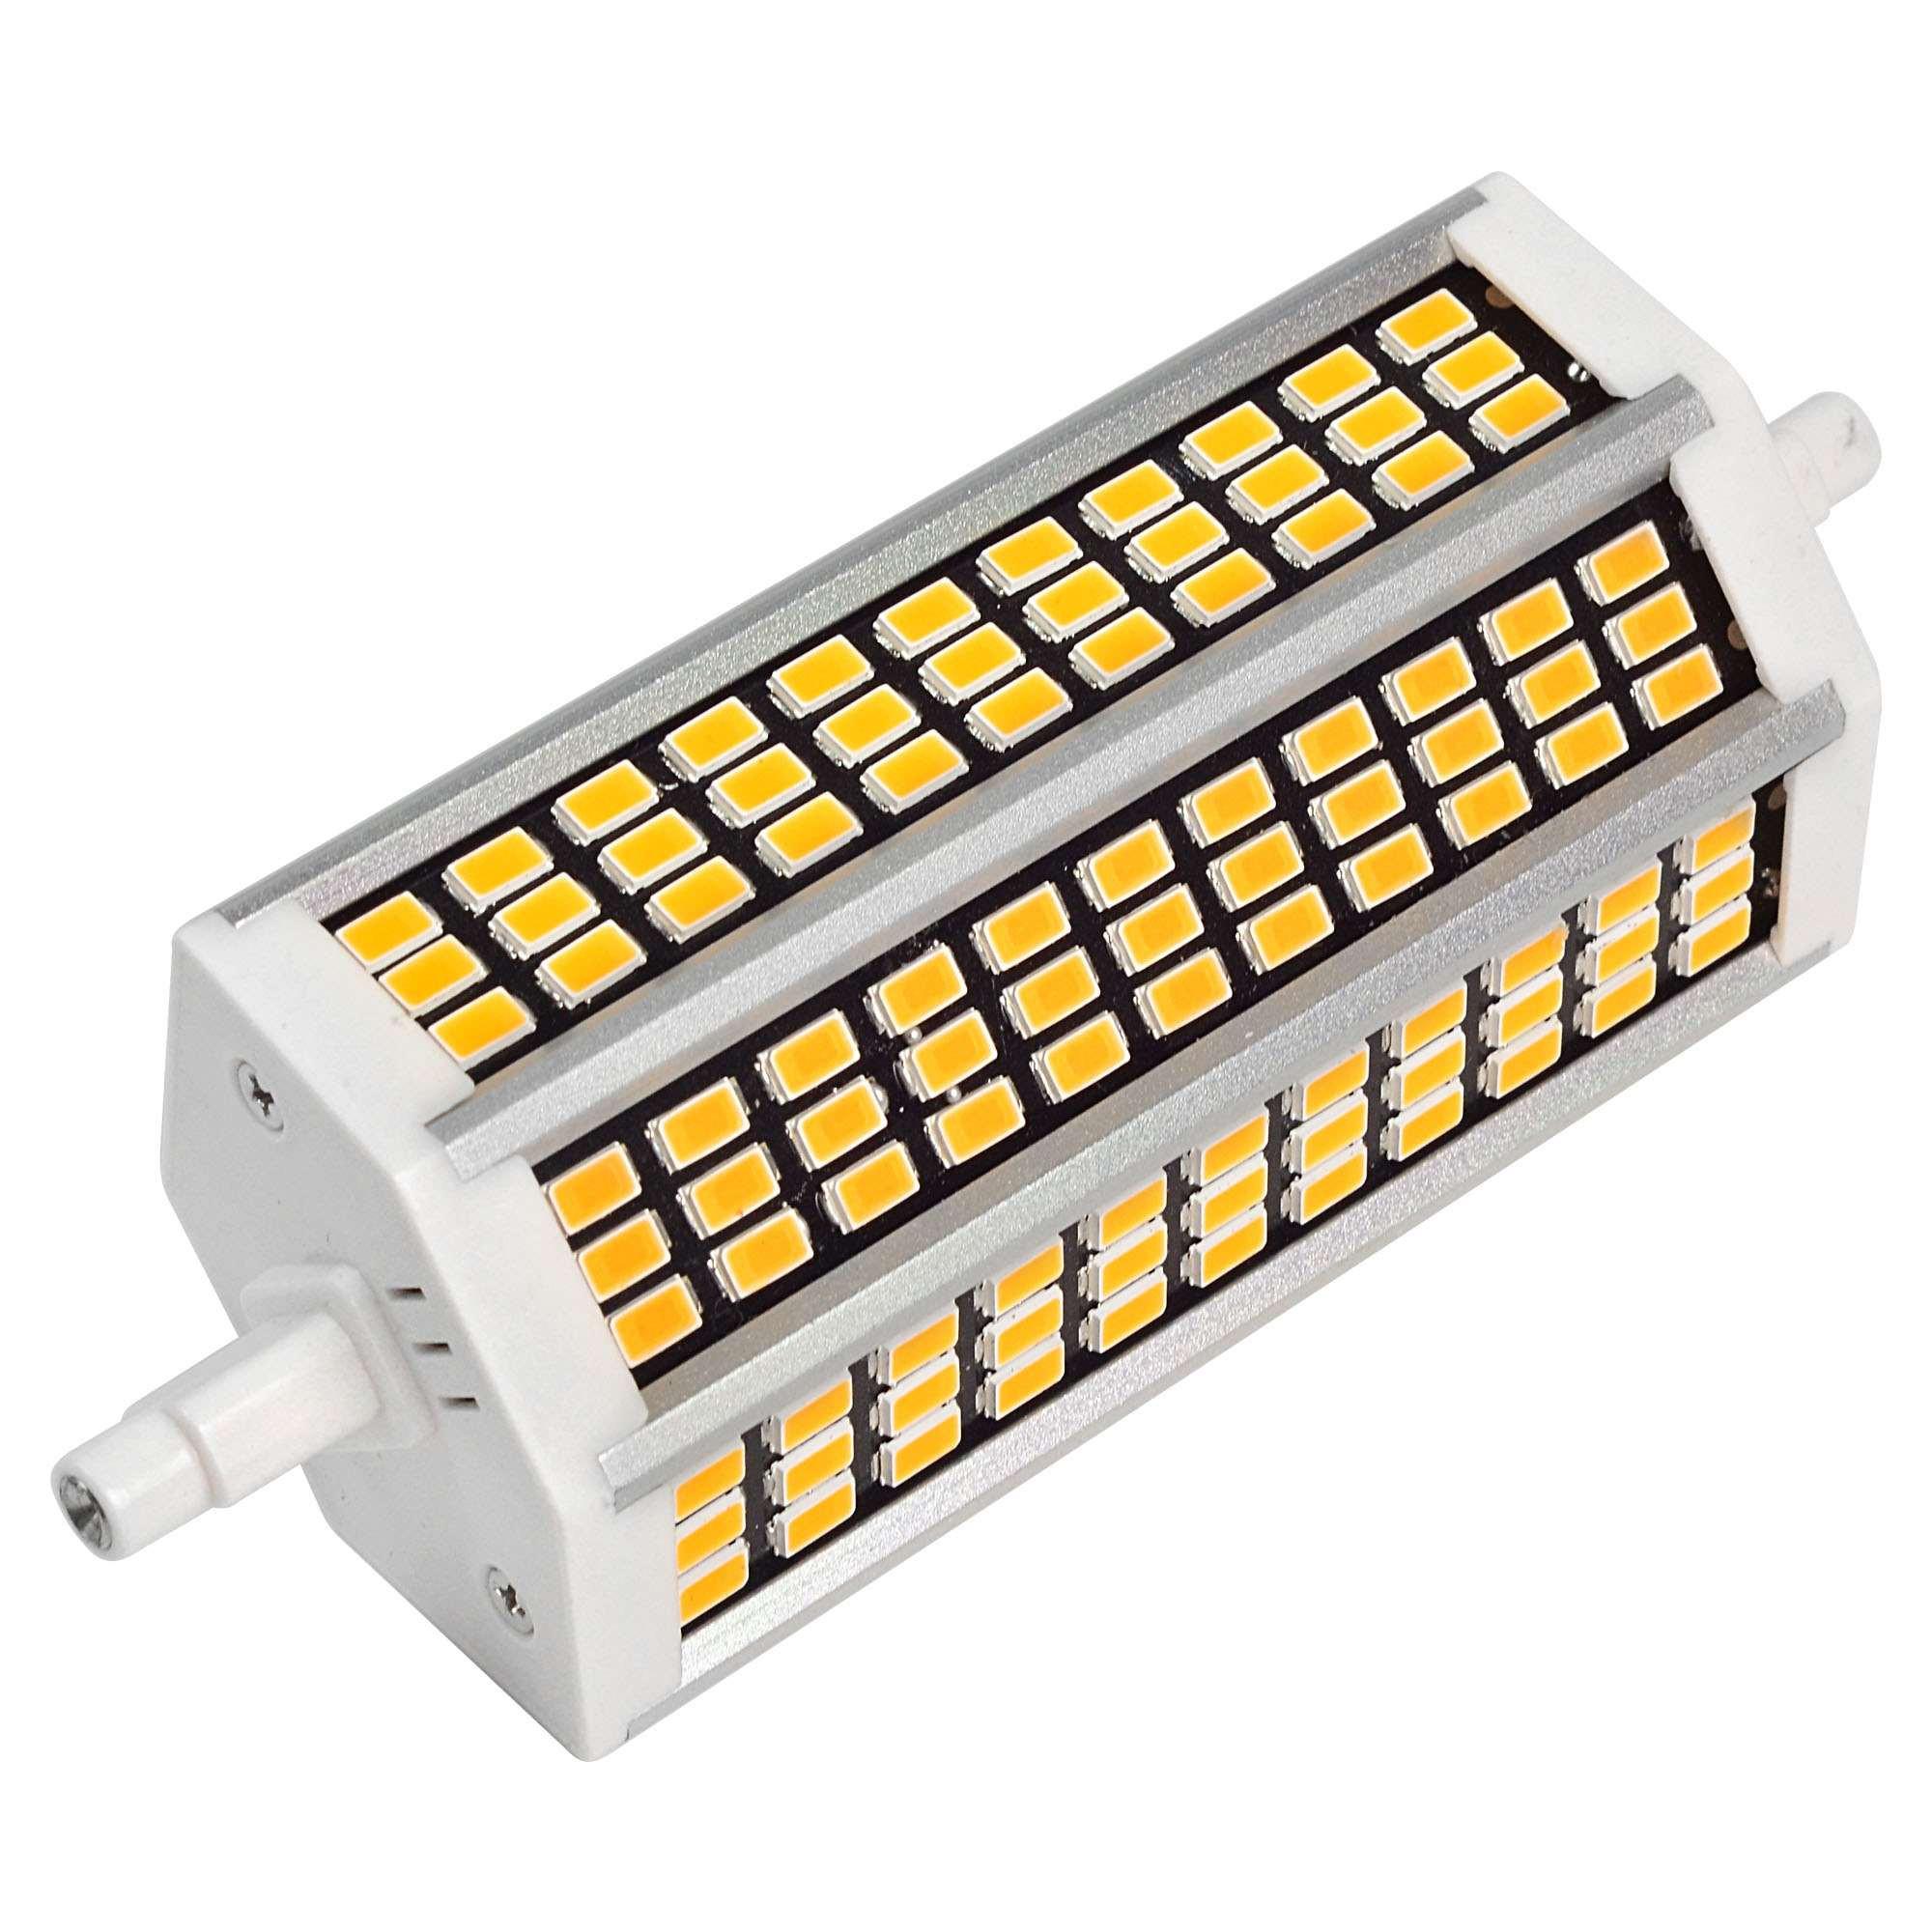 MENGS® R7s 13W LED Flood Light 99x 5733 SMD LED Bulb Lamp AC 220-240V In Warm White Energy-Saving Light